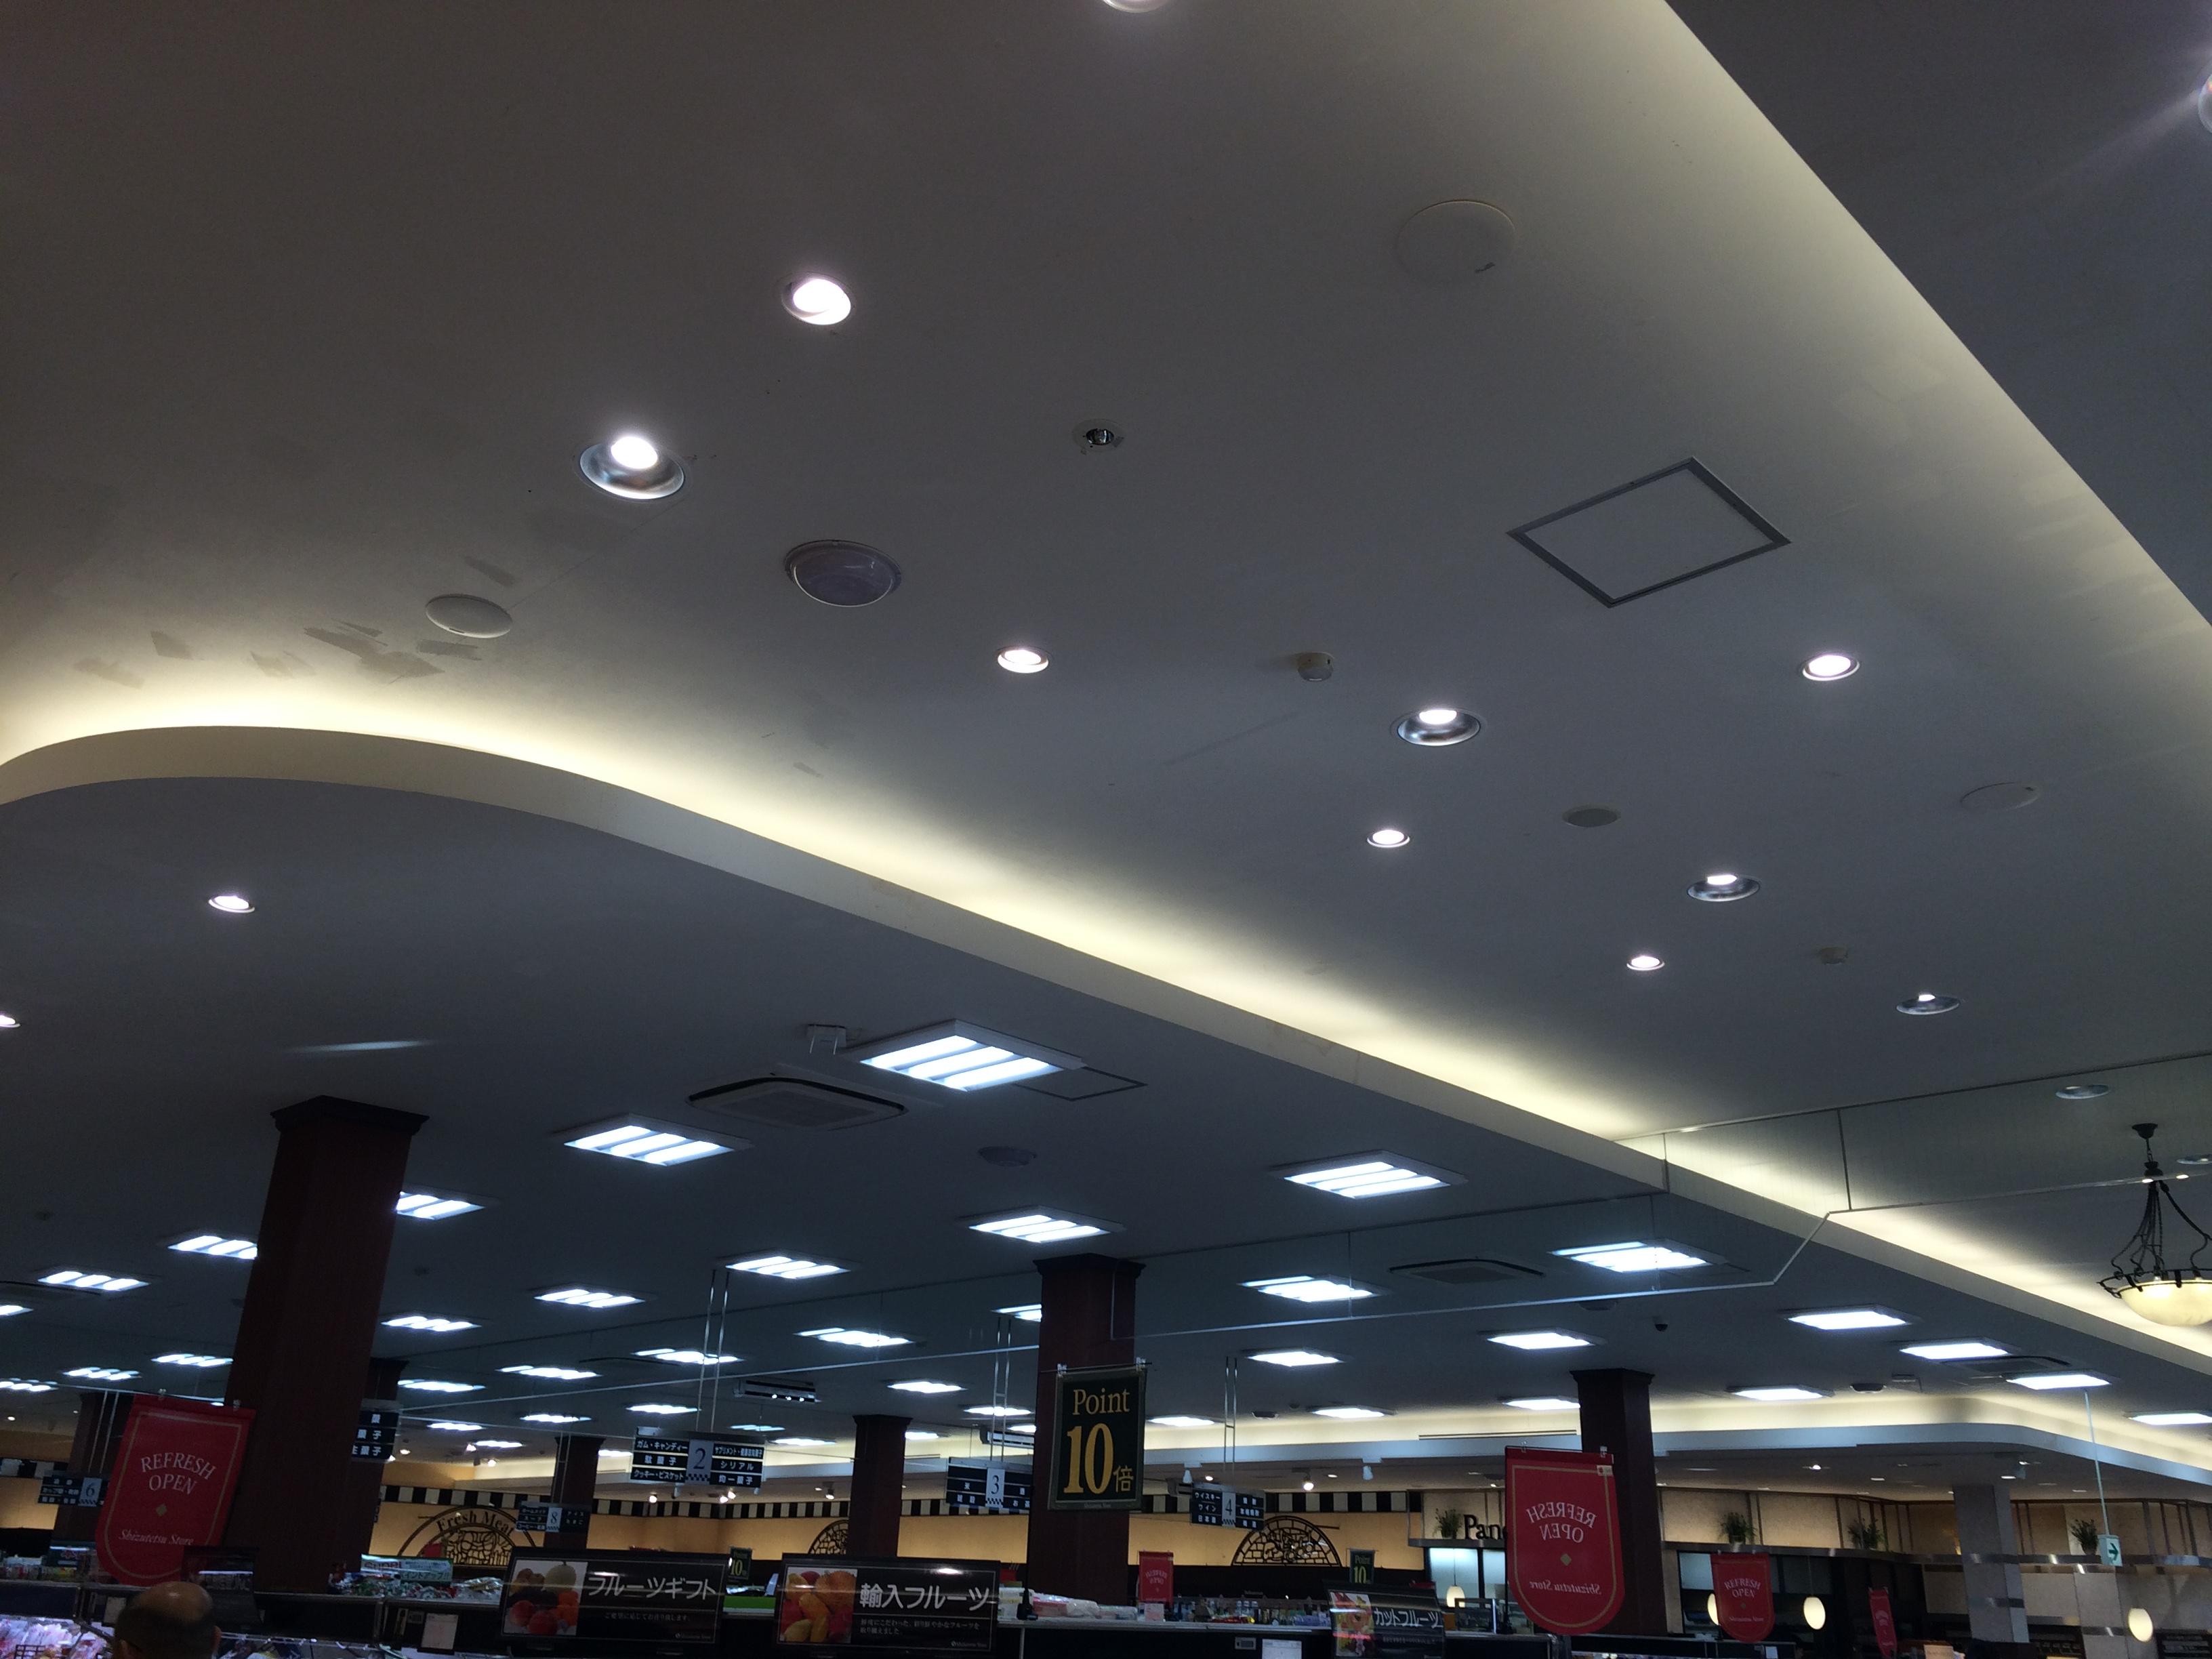 160225しずてつストア流通通り店LED化工事 葵区 木田IMG_0910.JPG